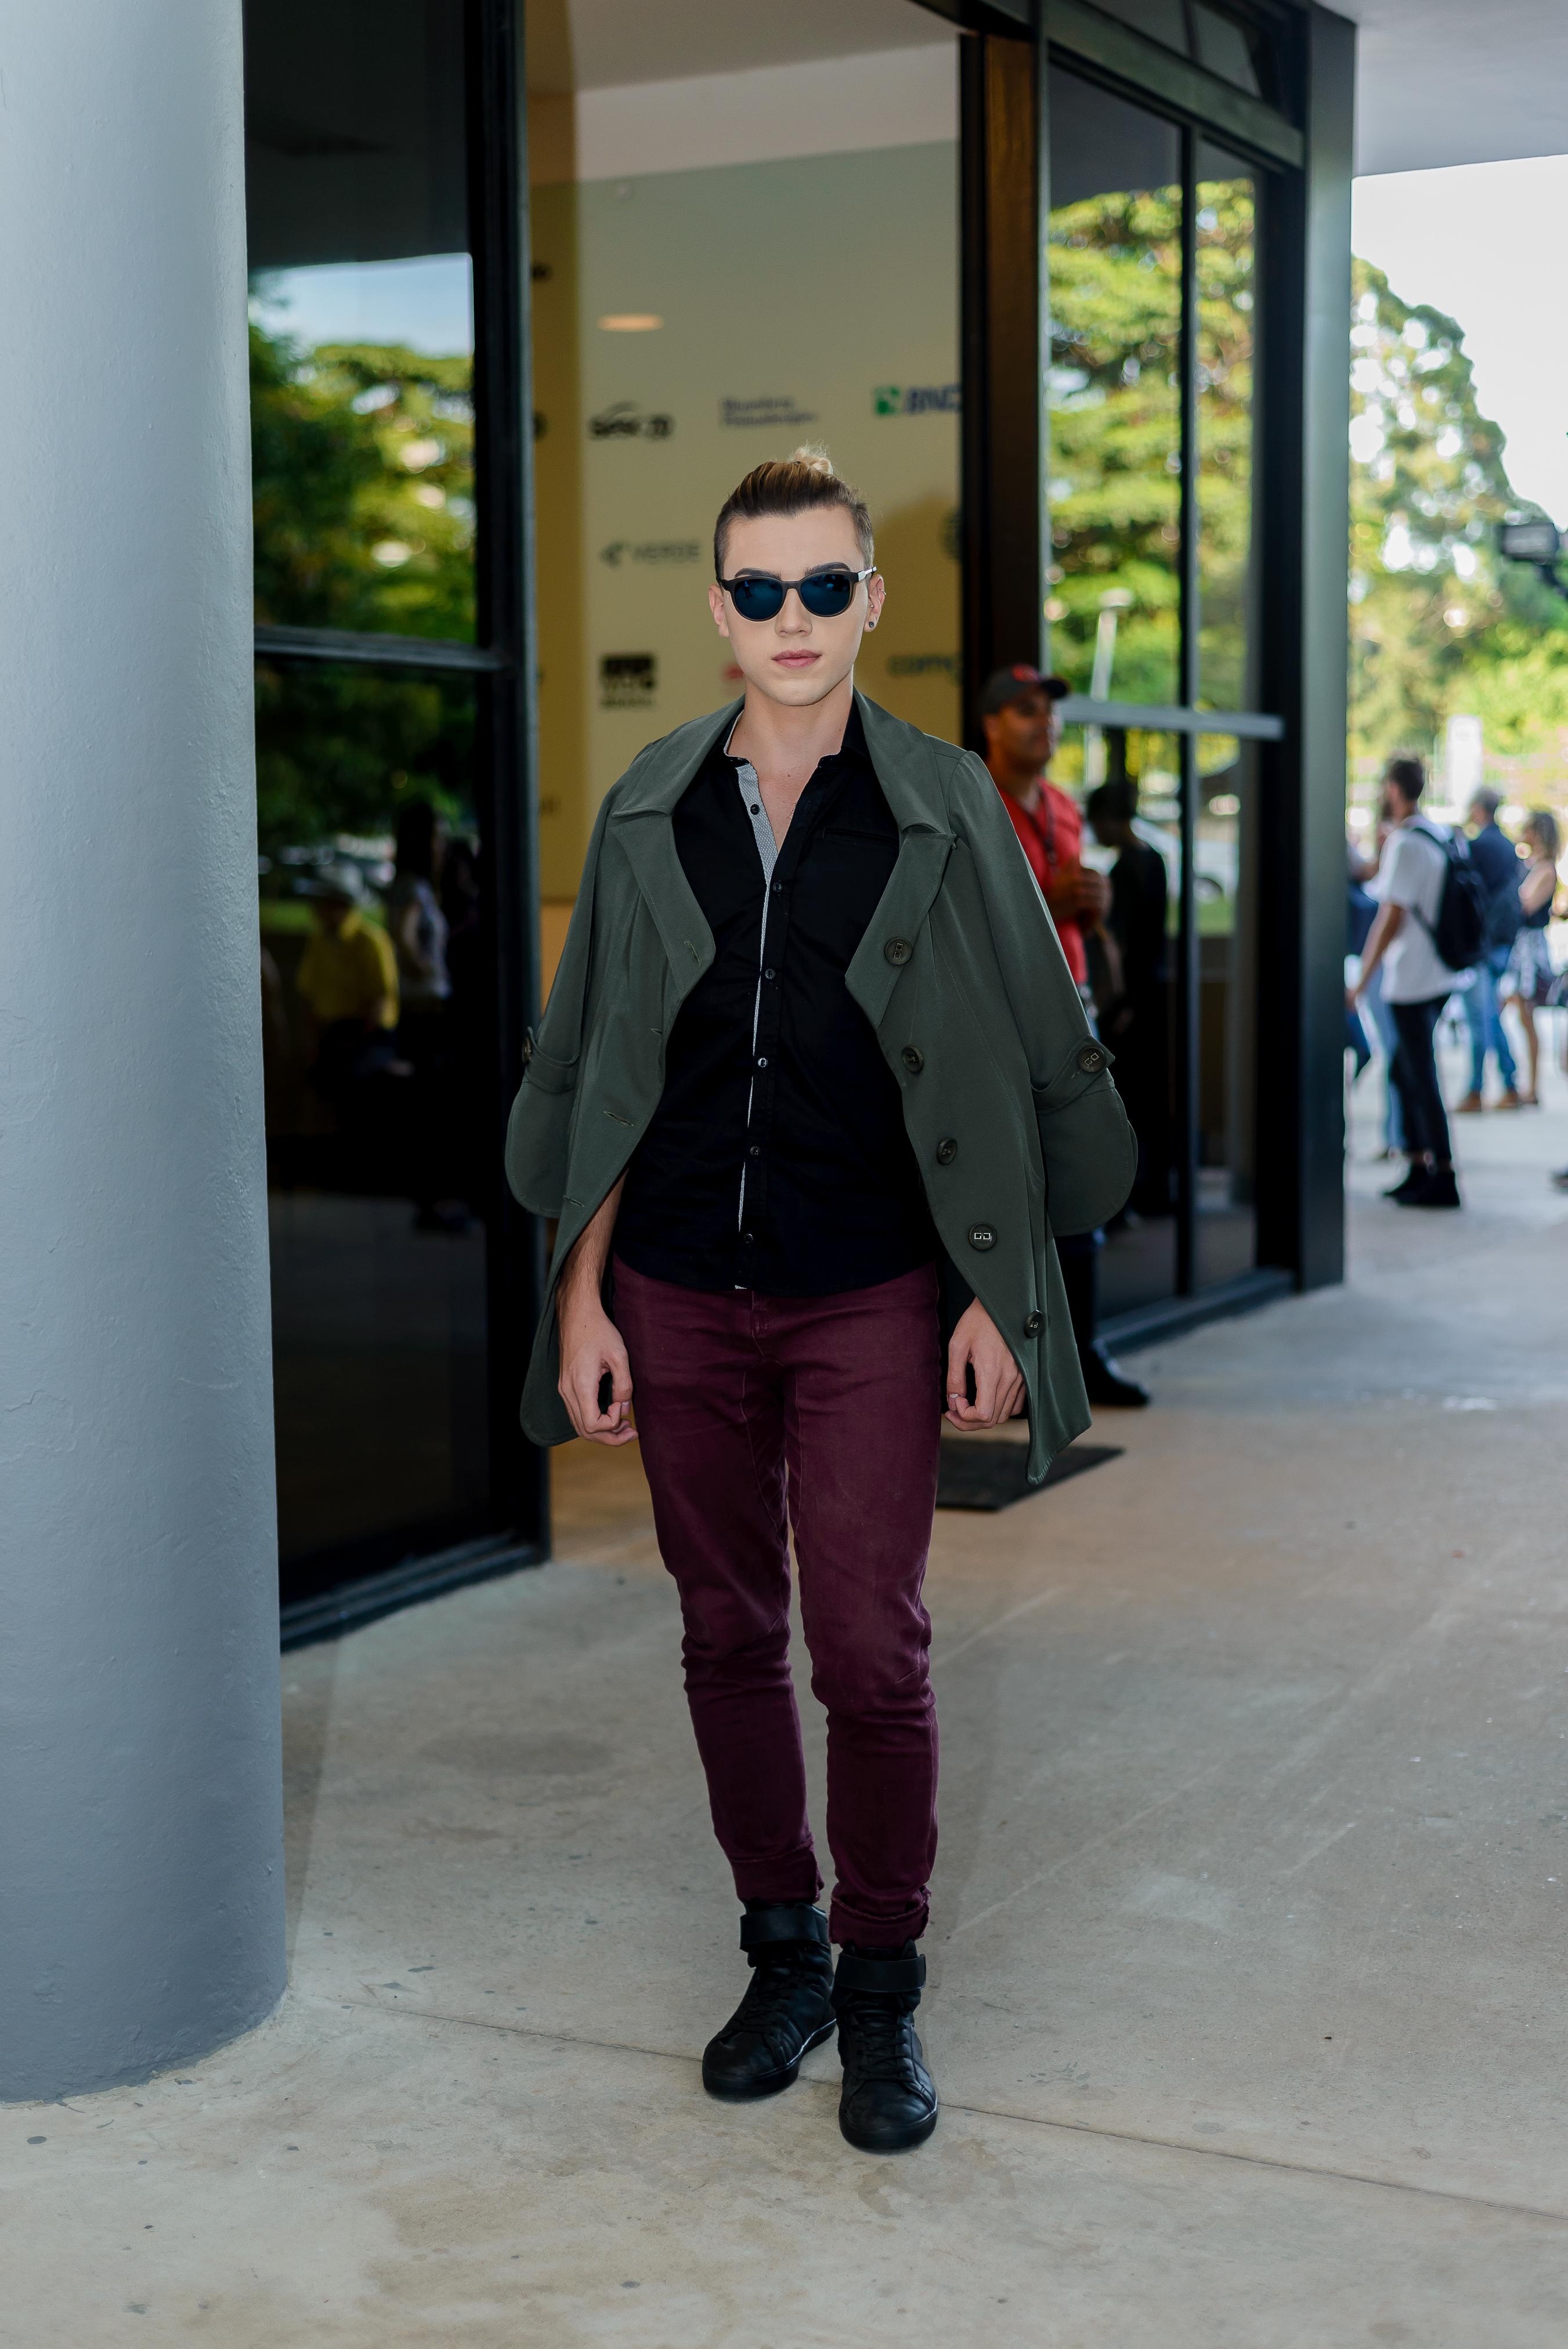 spfwn43-street-style-moda-masculina-estilo-masculino-style-fashion-moda-2017-moda-sem-censura-beleza-blog-de-moda-men-man-boy-estilo (11)